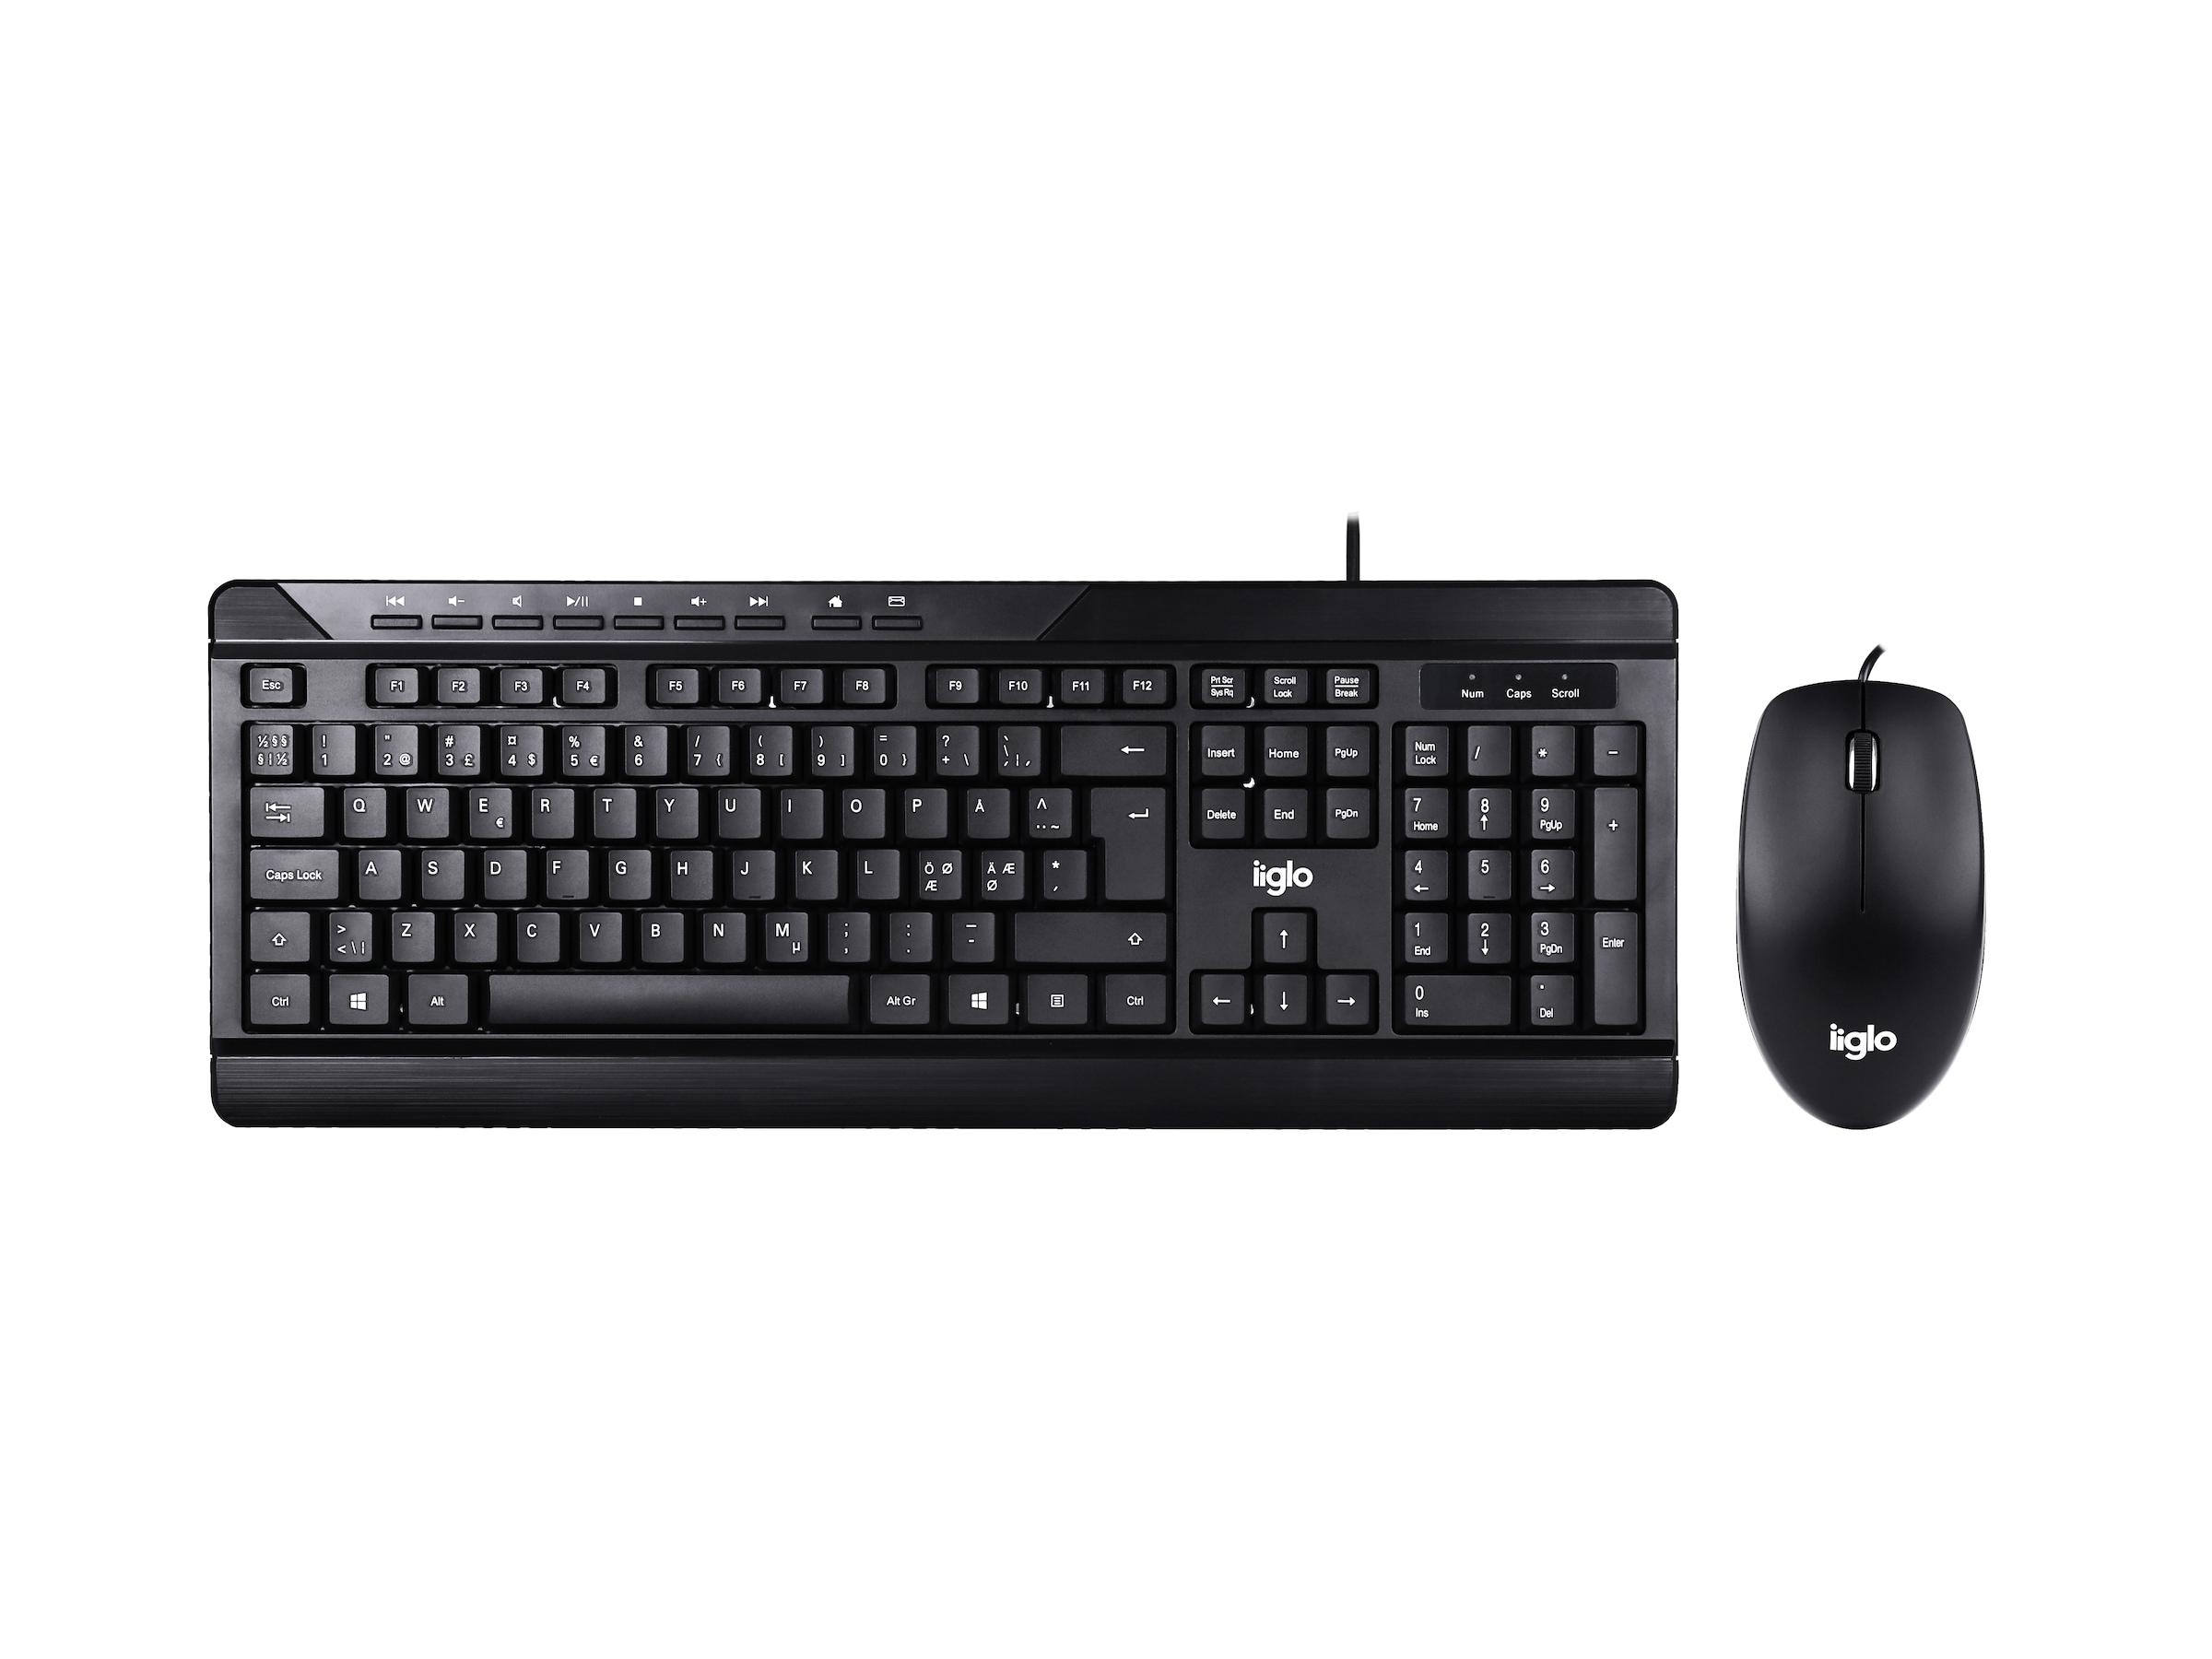 Mus och tangentbord paket iiglo mk210 - Svart